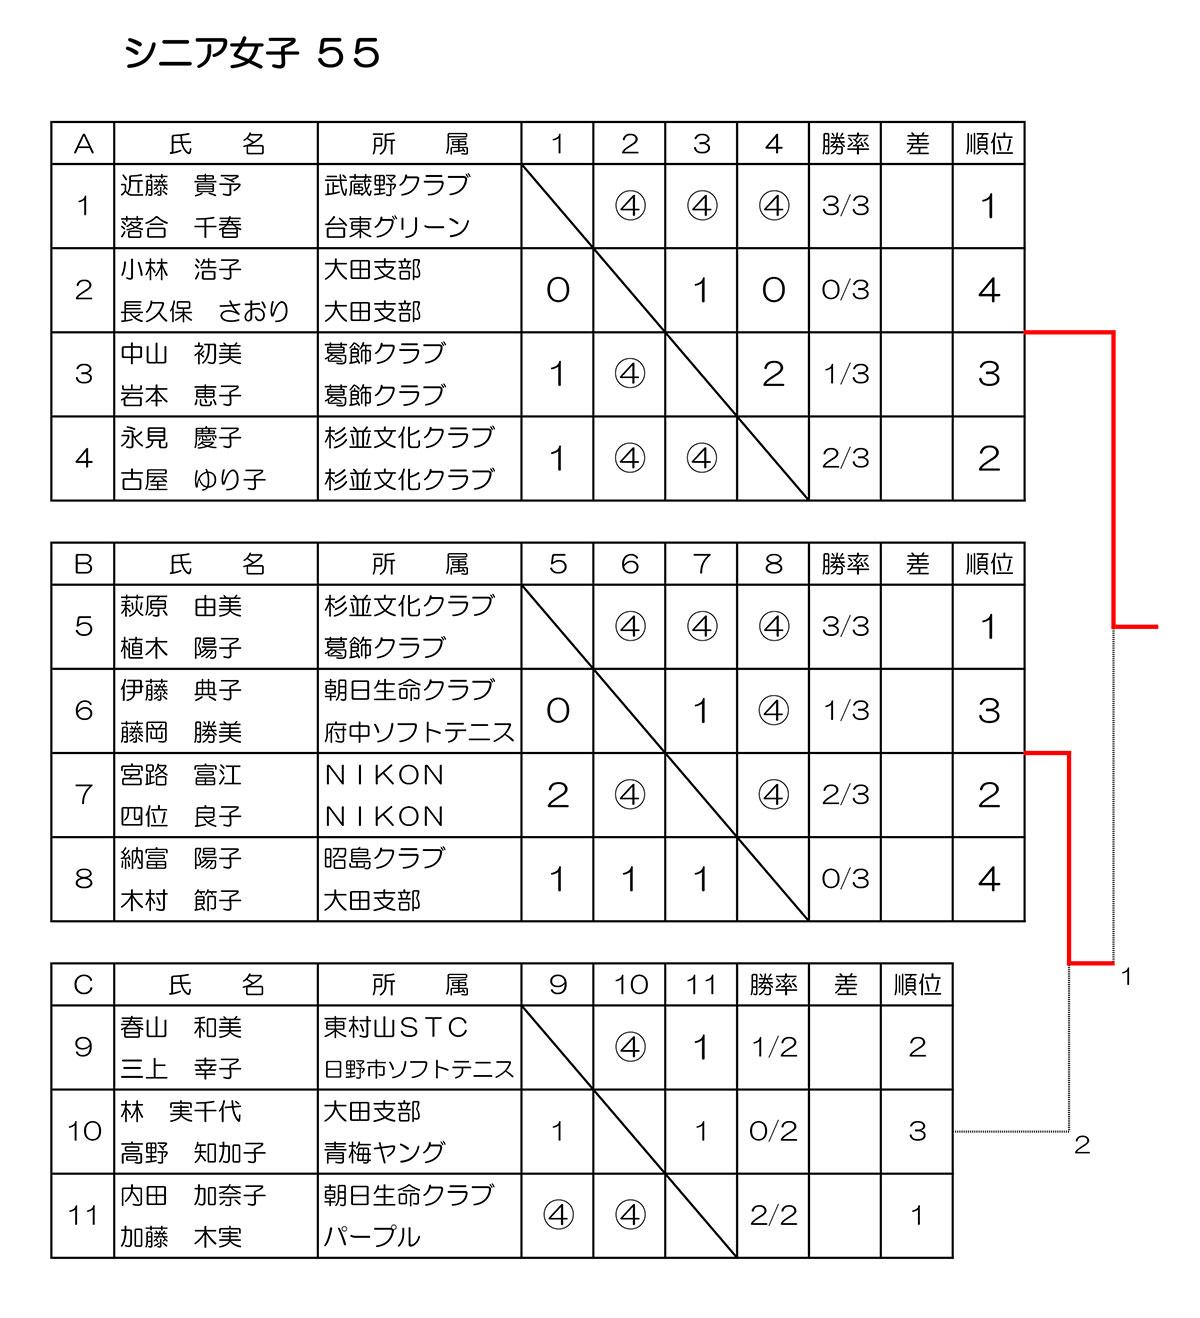 令和元年度 東京選手権大会結果